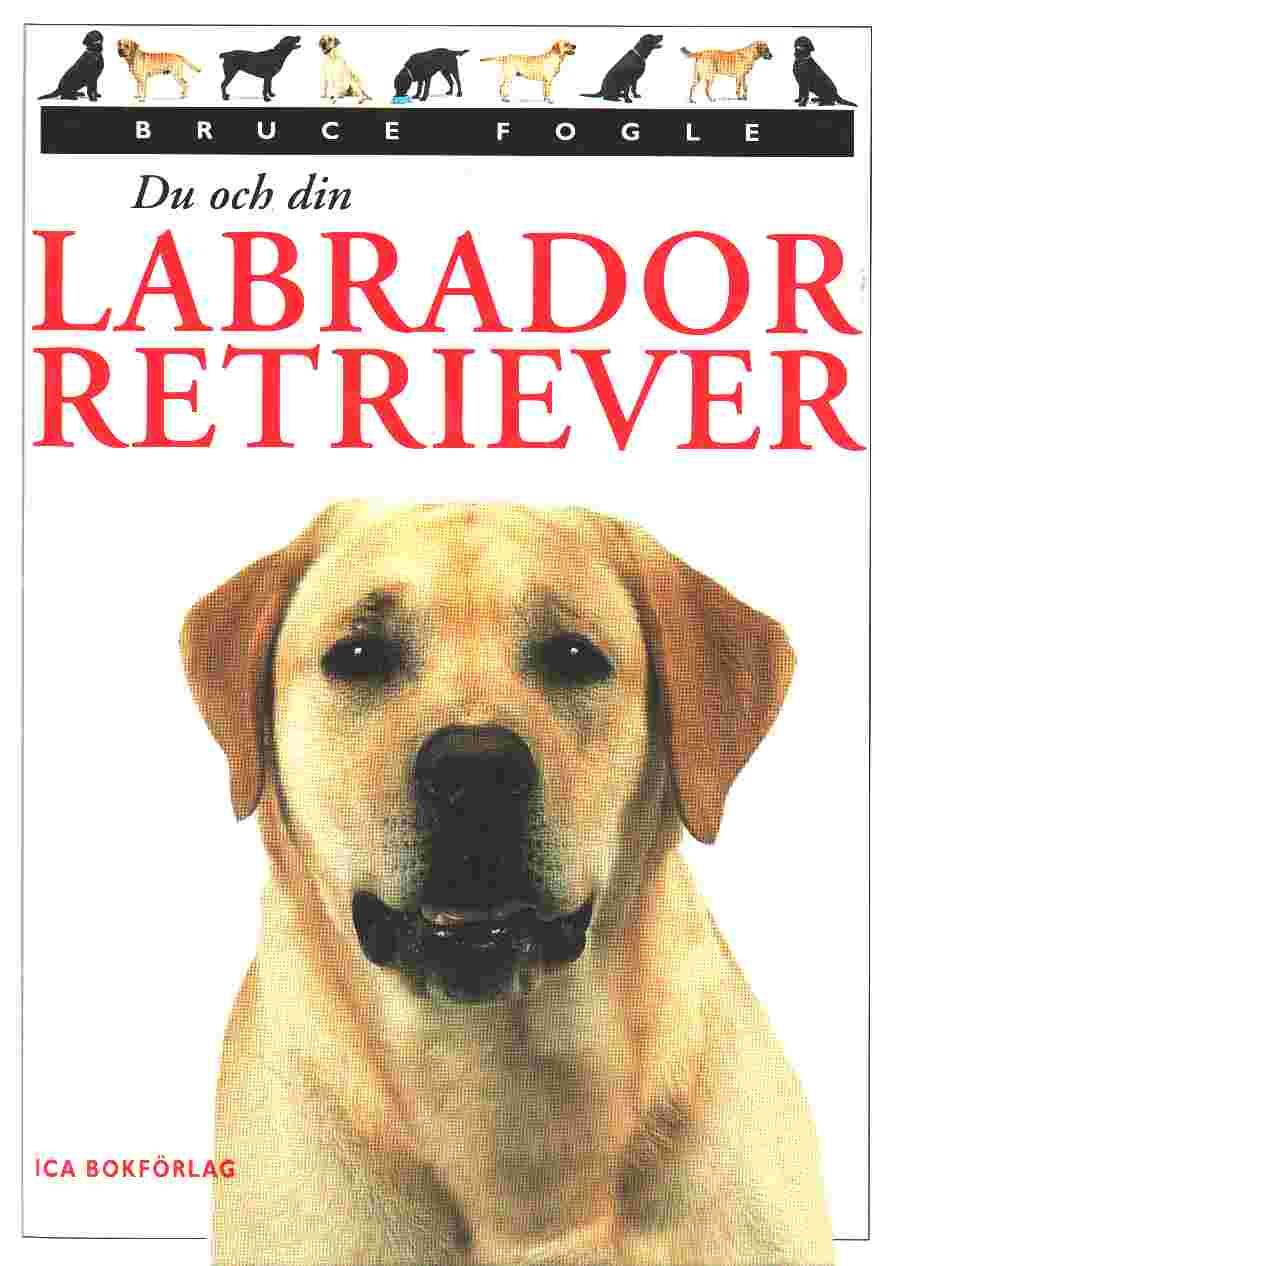 Du och din Labrador Retriever - Fogle, Bruce